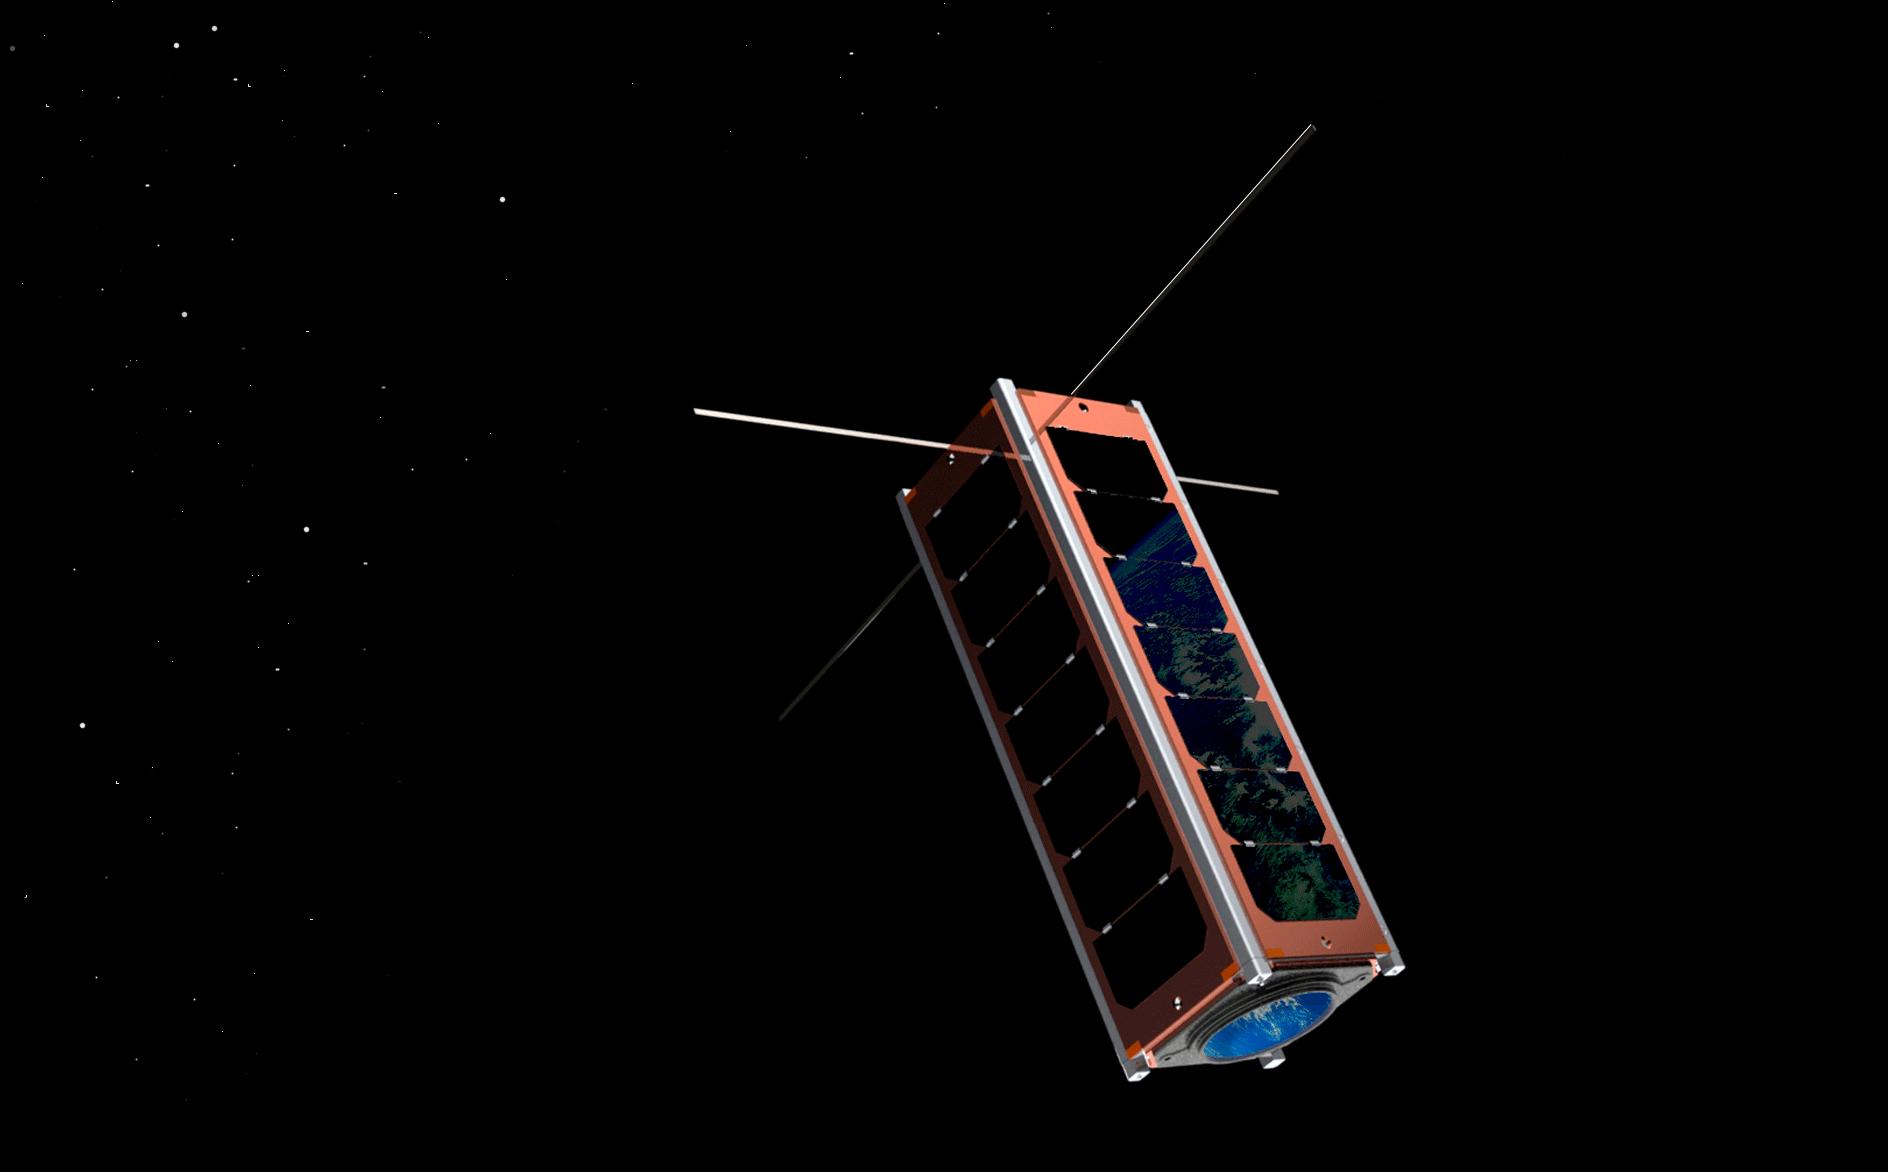 satelite tipo cubesat